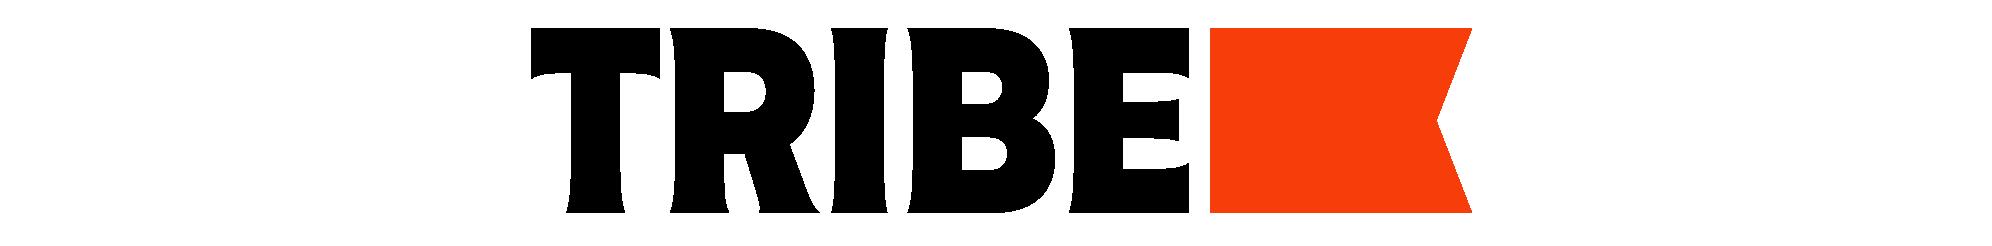 TRIBE-Logotype+Banner-Padding@2x.png